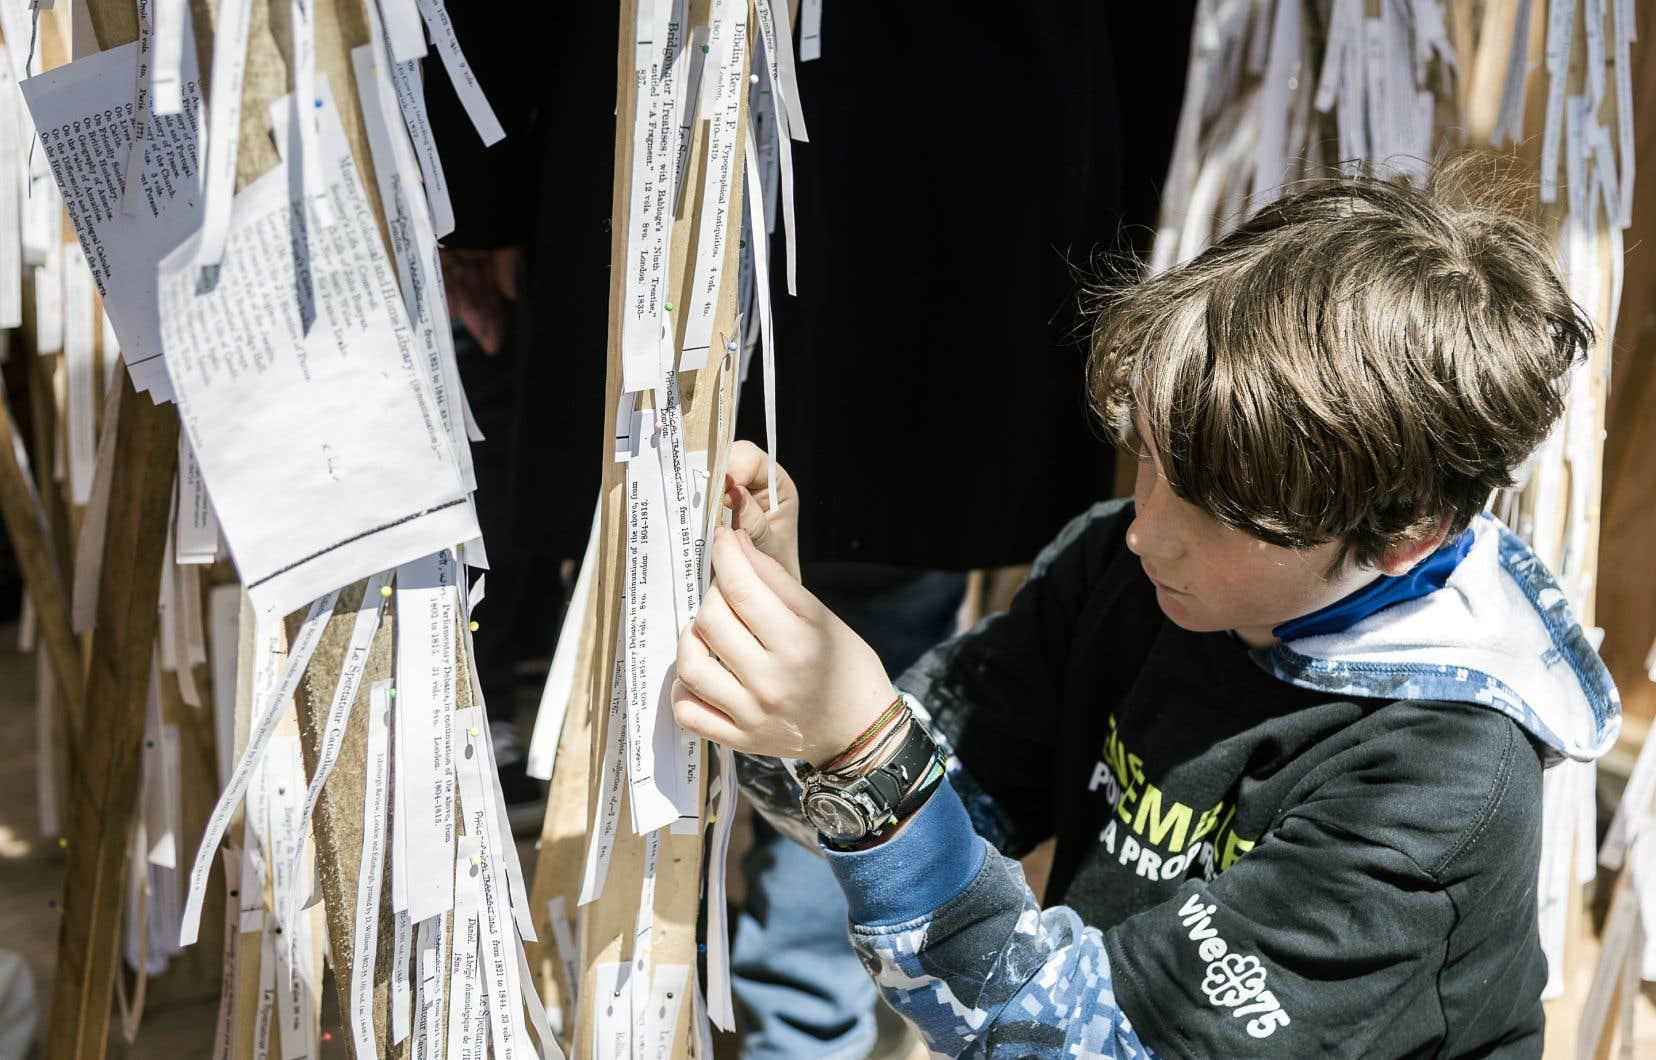 L'installation «Percée de lumières» invite les gens à «rallumer» ce savoir perdu.